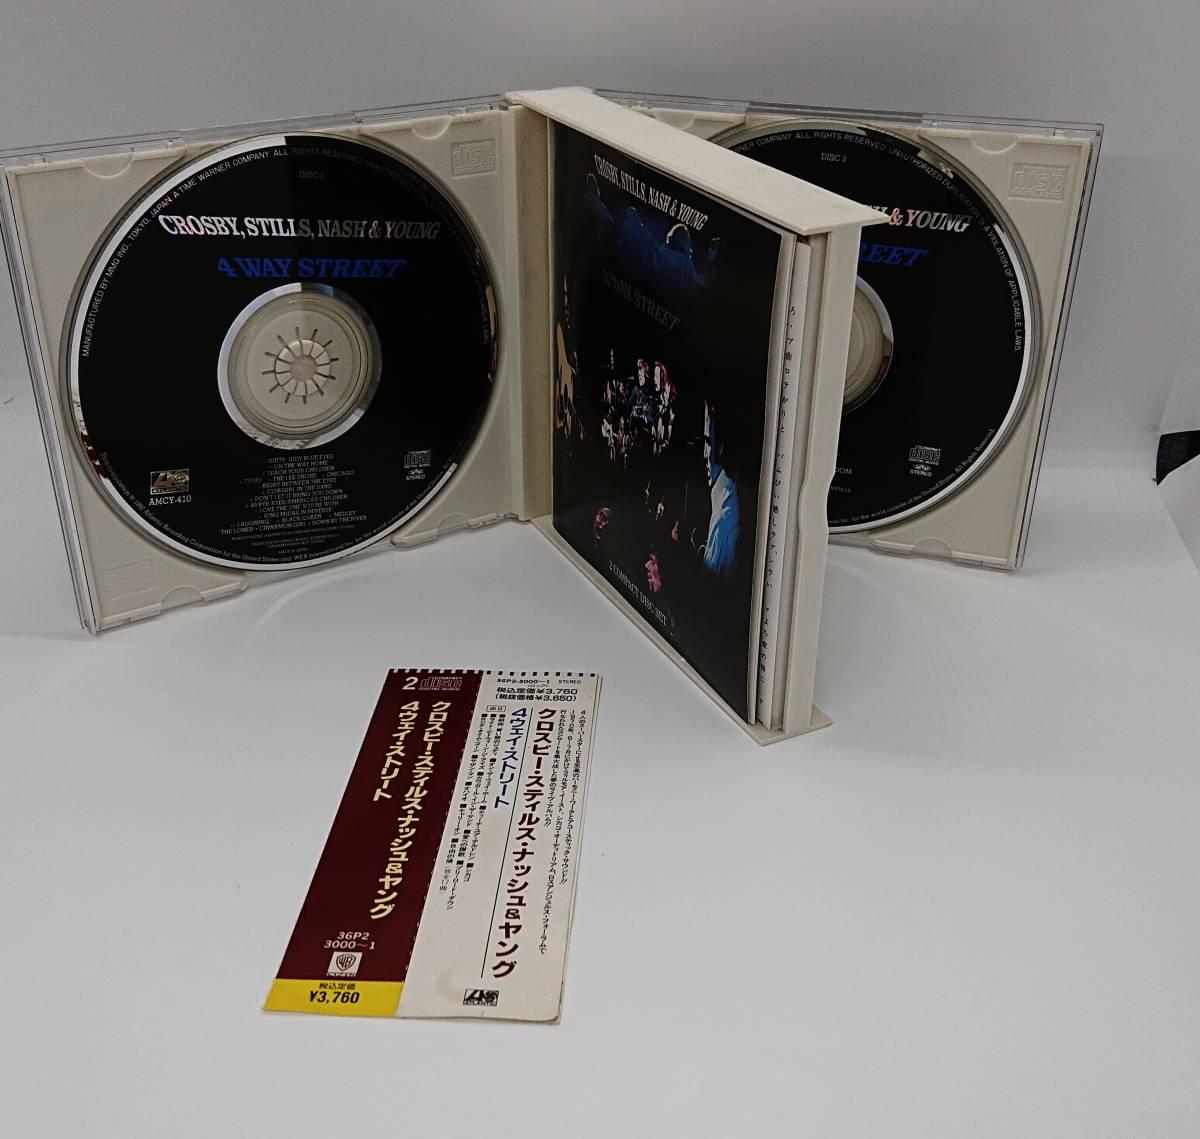 国内盤2CD クロスビー・スティルス・ナッシュ&ヤング 4ウェイ・ストリート CROSBY,STILLS,NASH&YOUNG 4WAY STREET _画像3